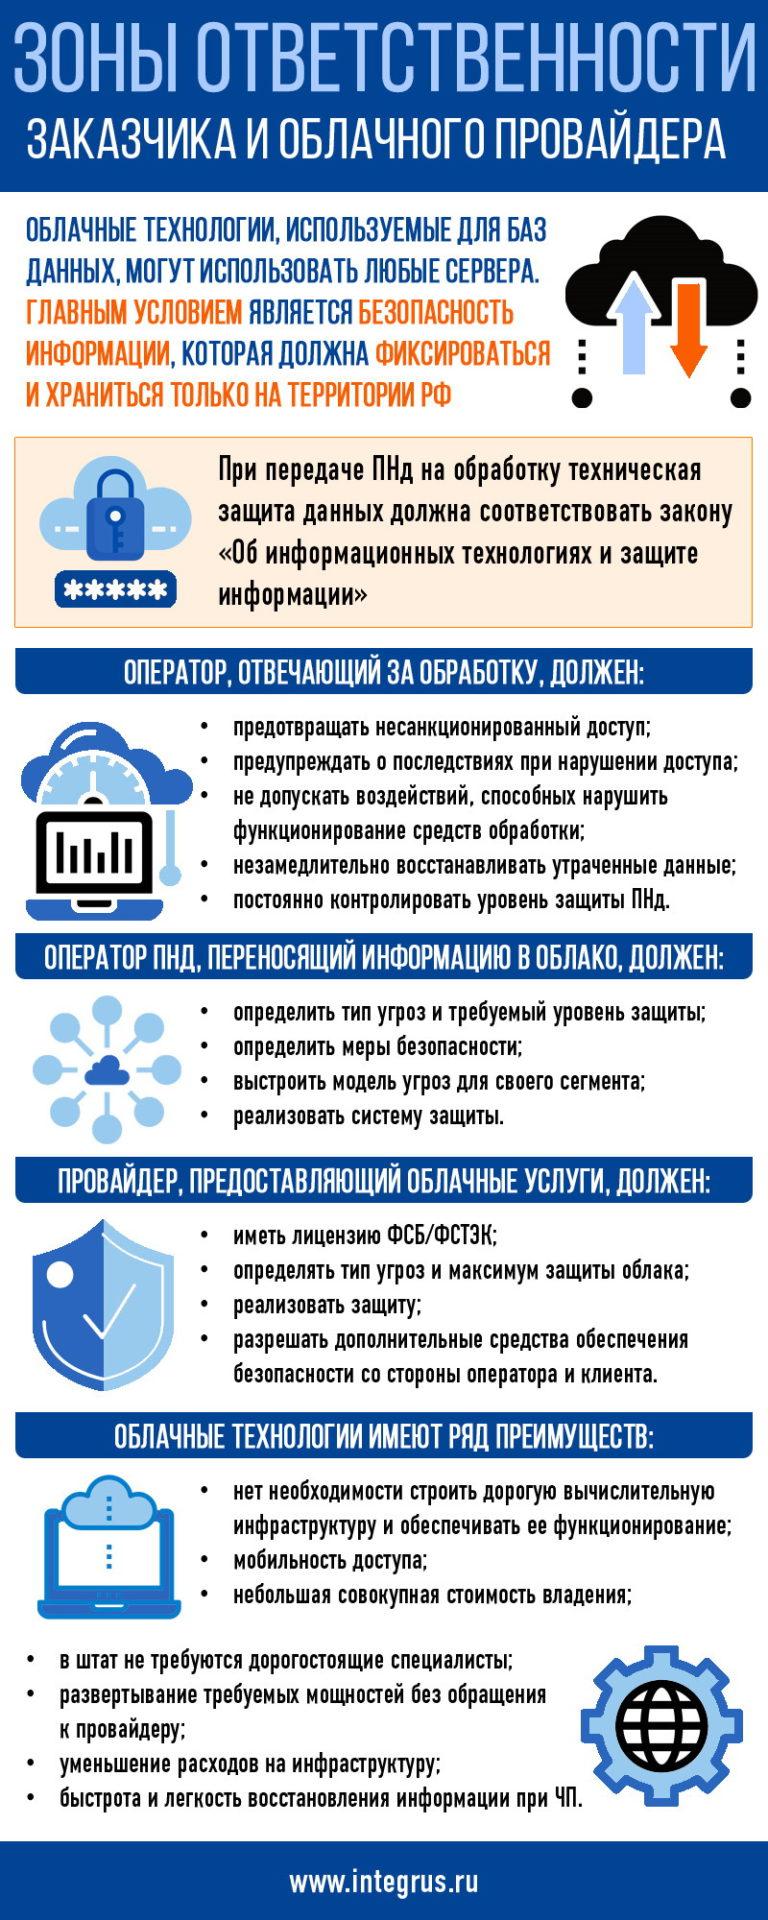 Зоны ответственности заказчика и облачного провайдера по защите ПНд